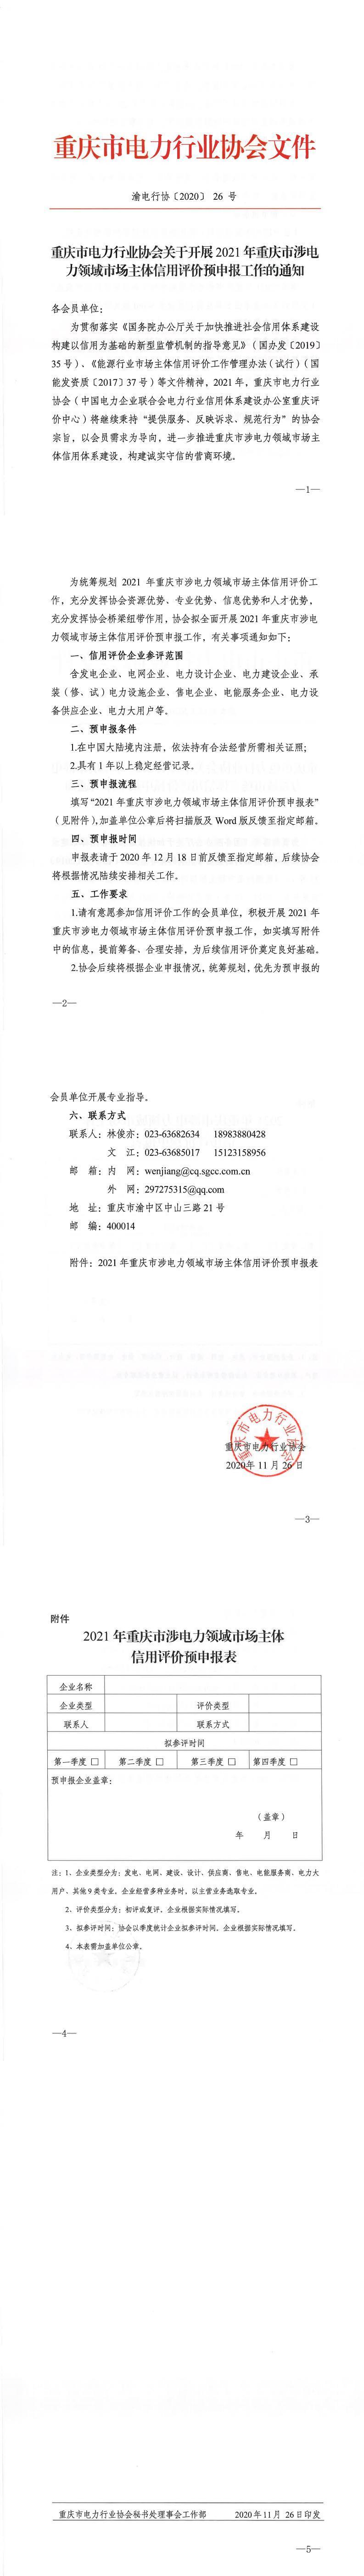 重庆市电力行业协会关于开展2021年重庆地区涉电力领域市场主体信用评价预申报工作的通知_0.jpg